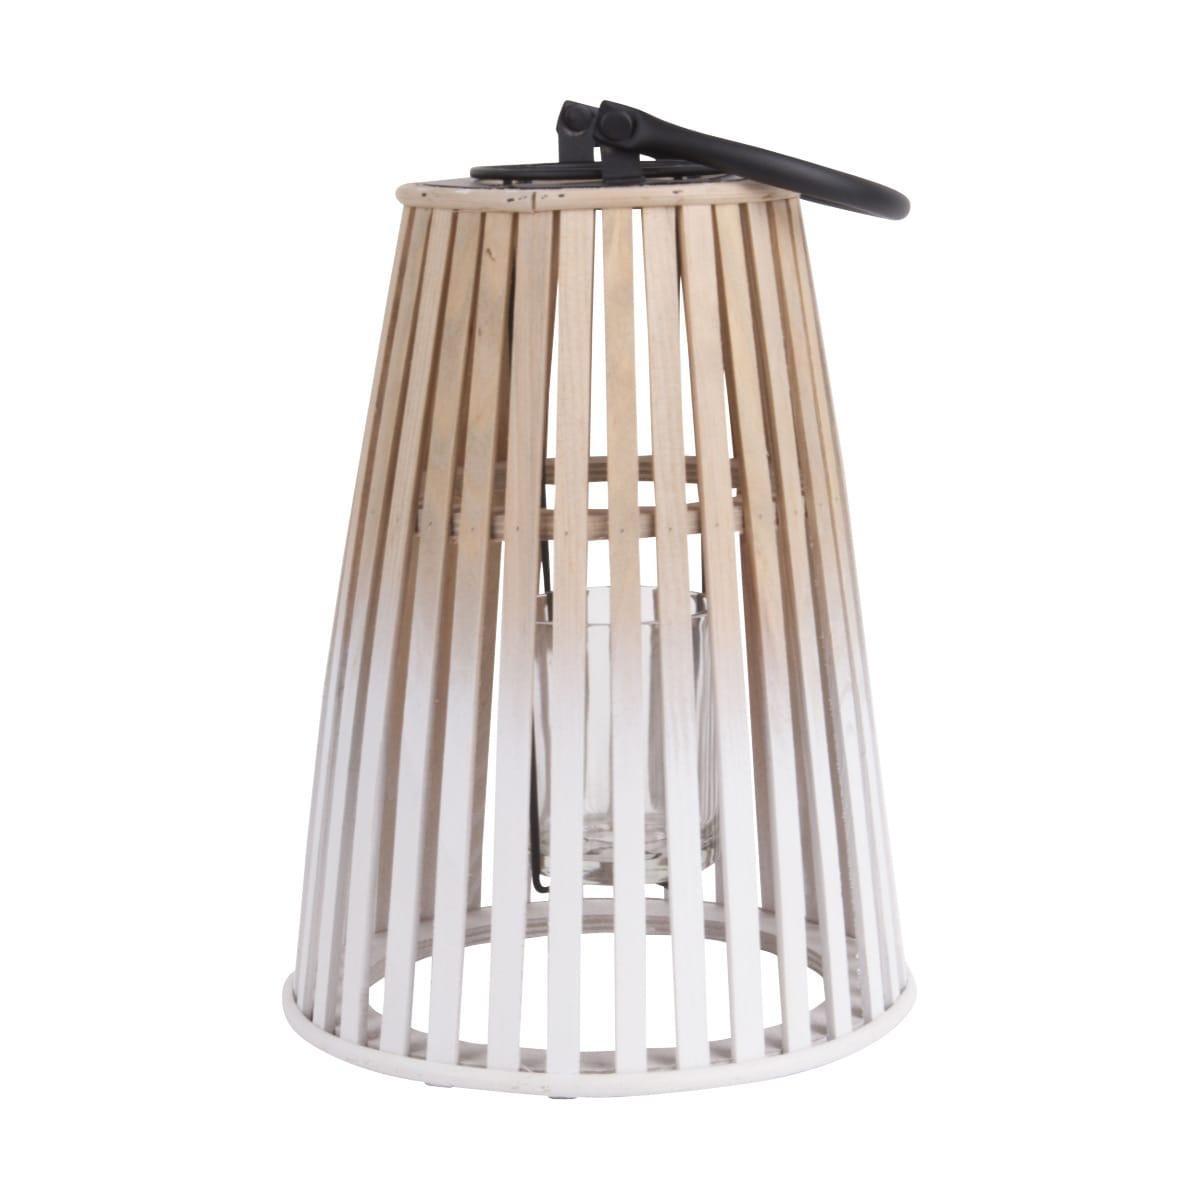 Sada 2 ks: Bambusová lucerna Atmosphere - střední